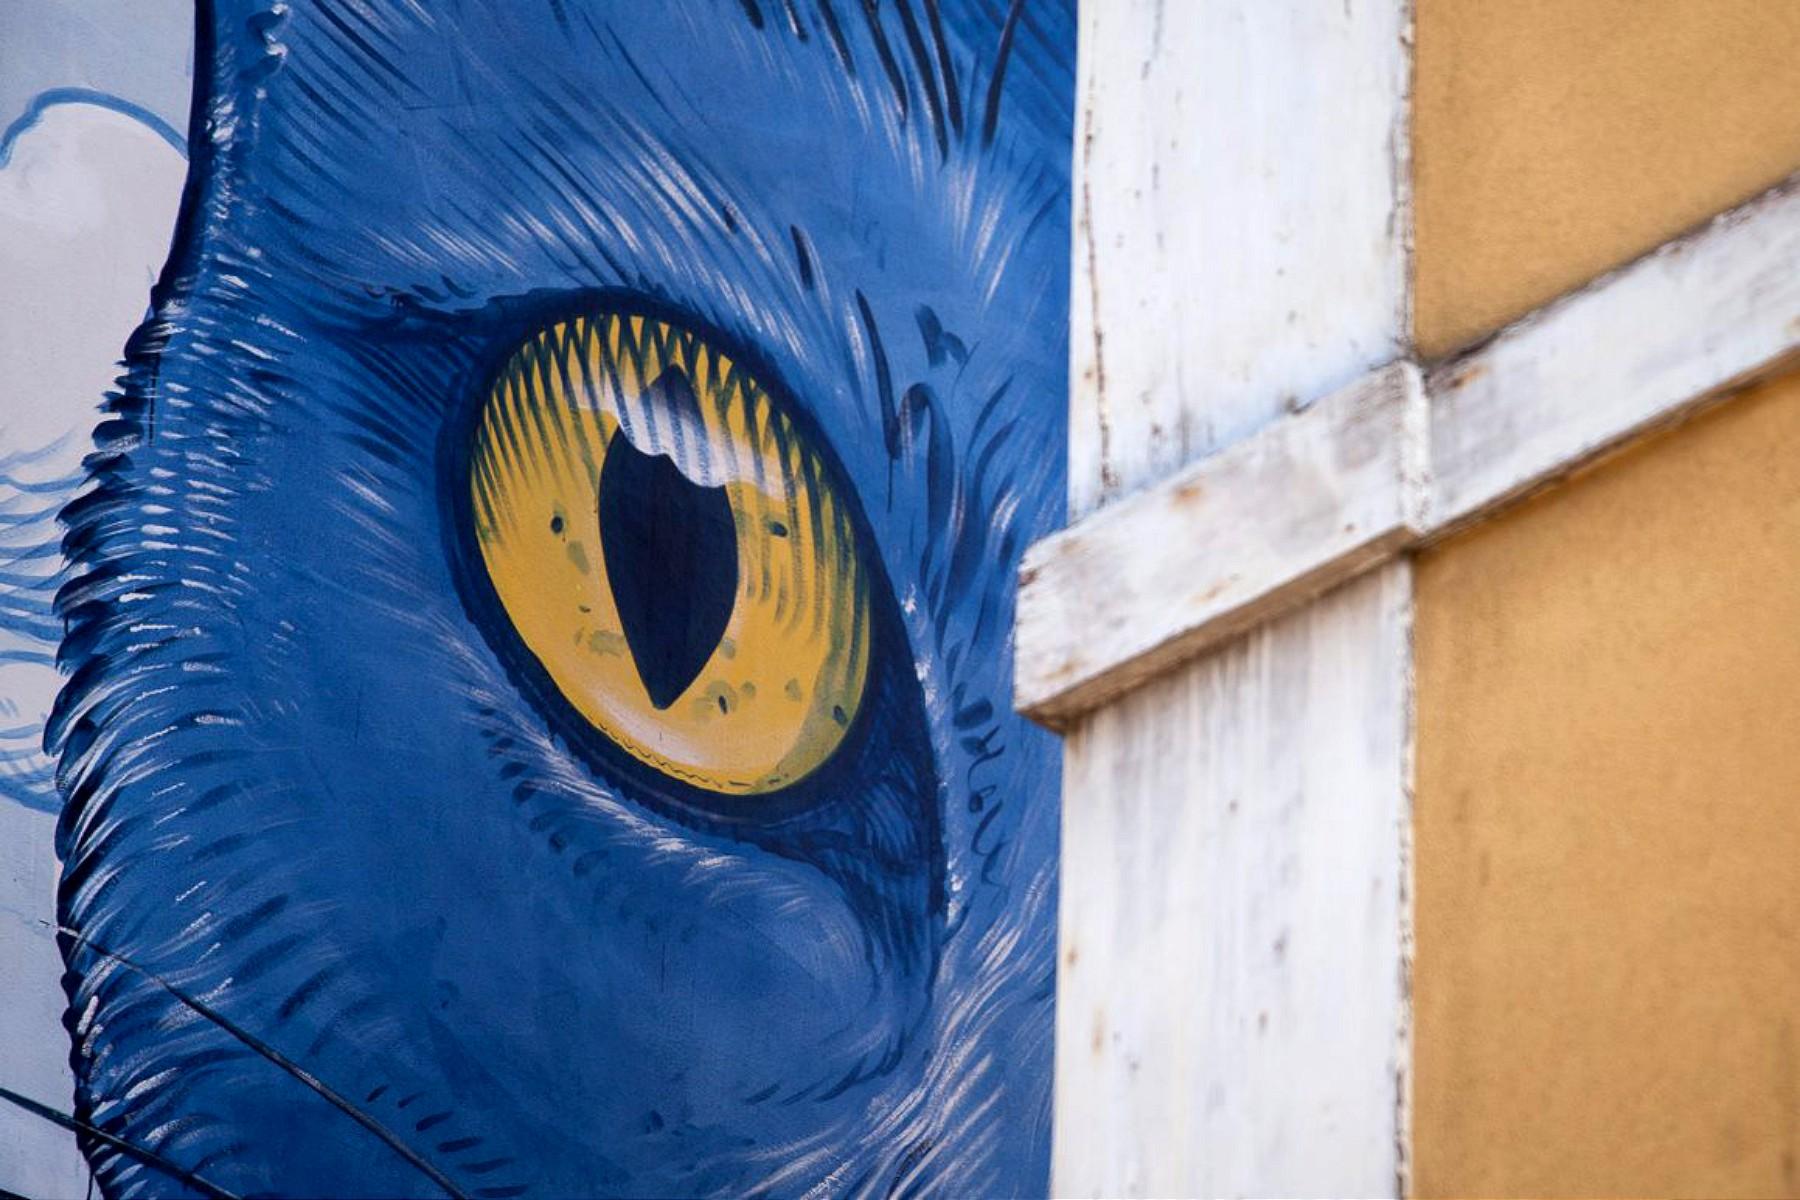 Perspentico, il grande gatto blu dello street artist Liqen | Collater.al 3